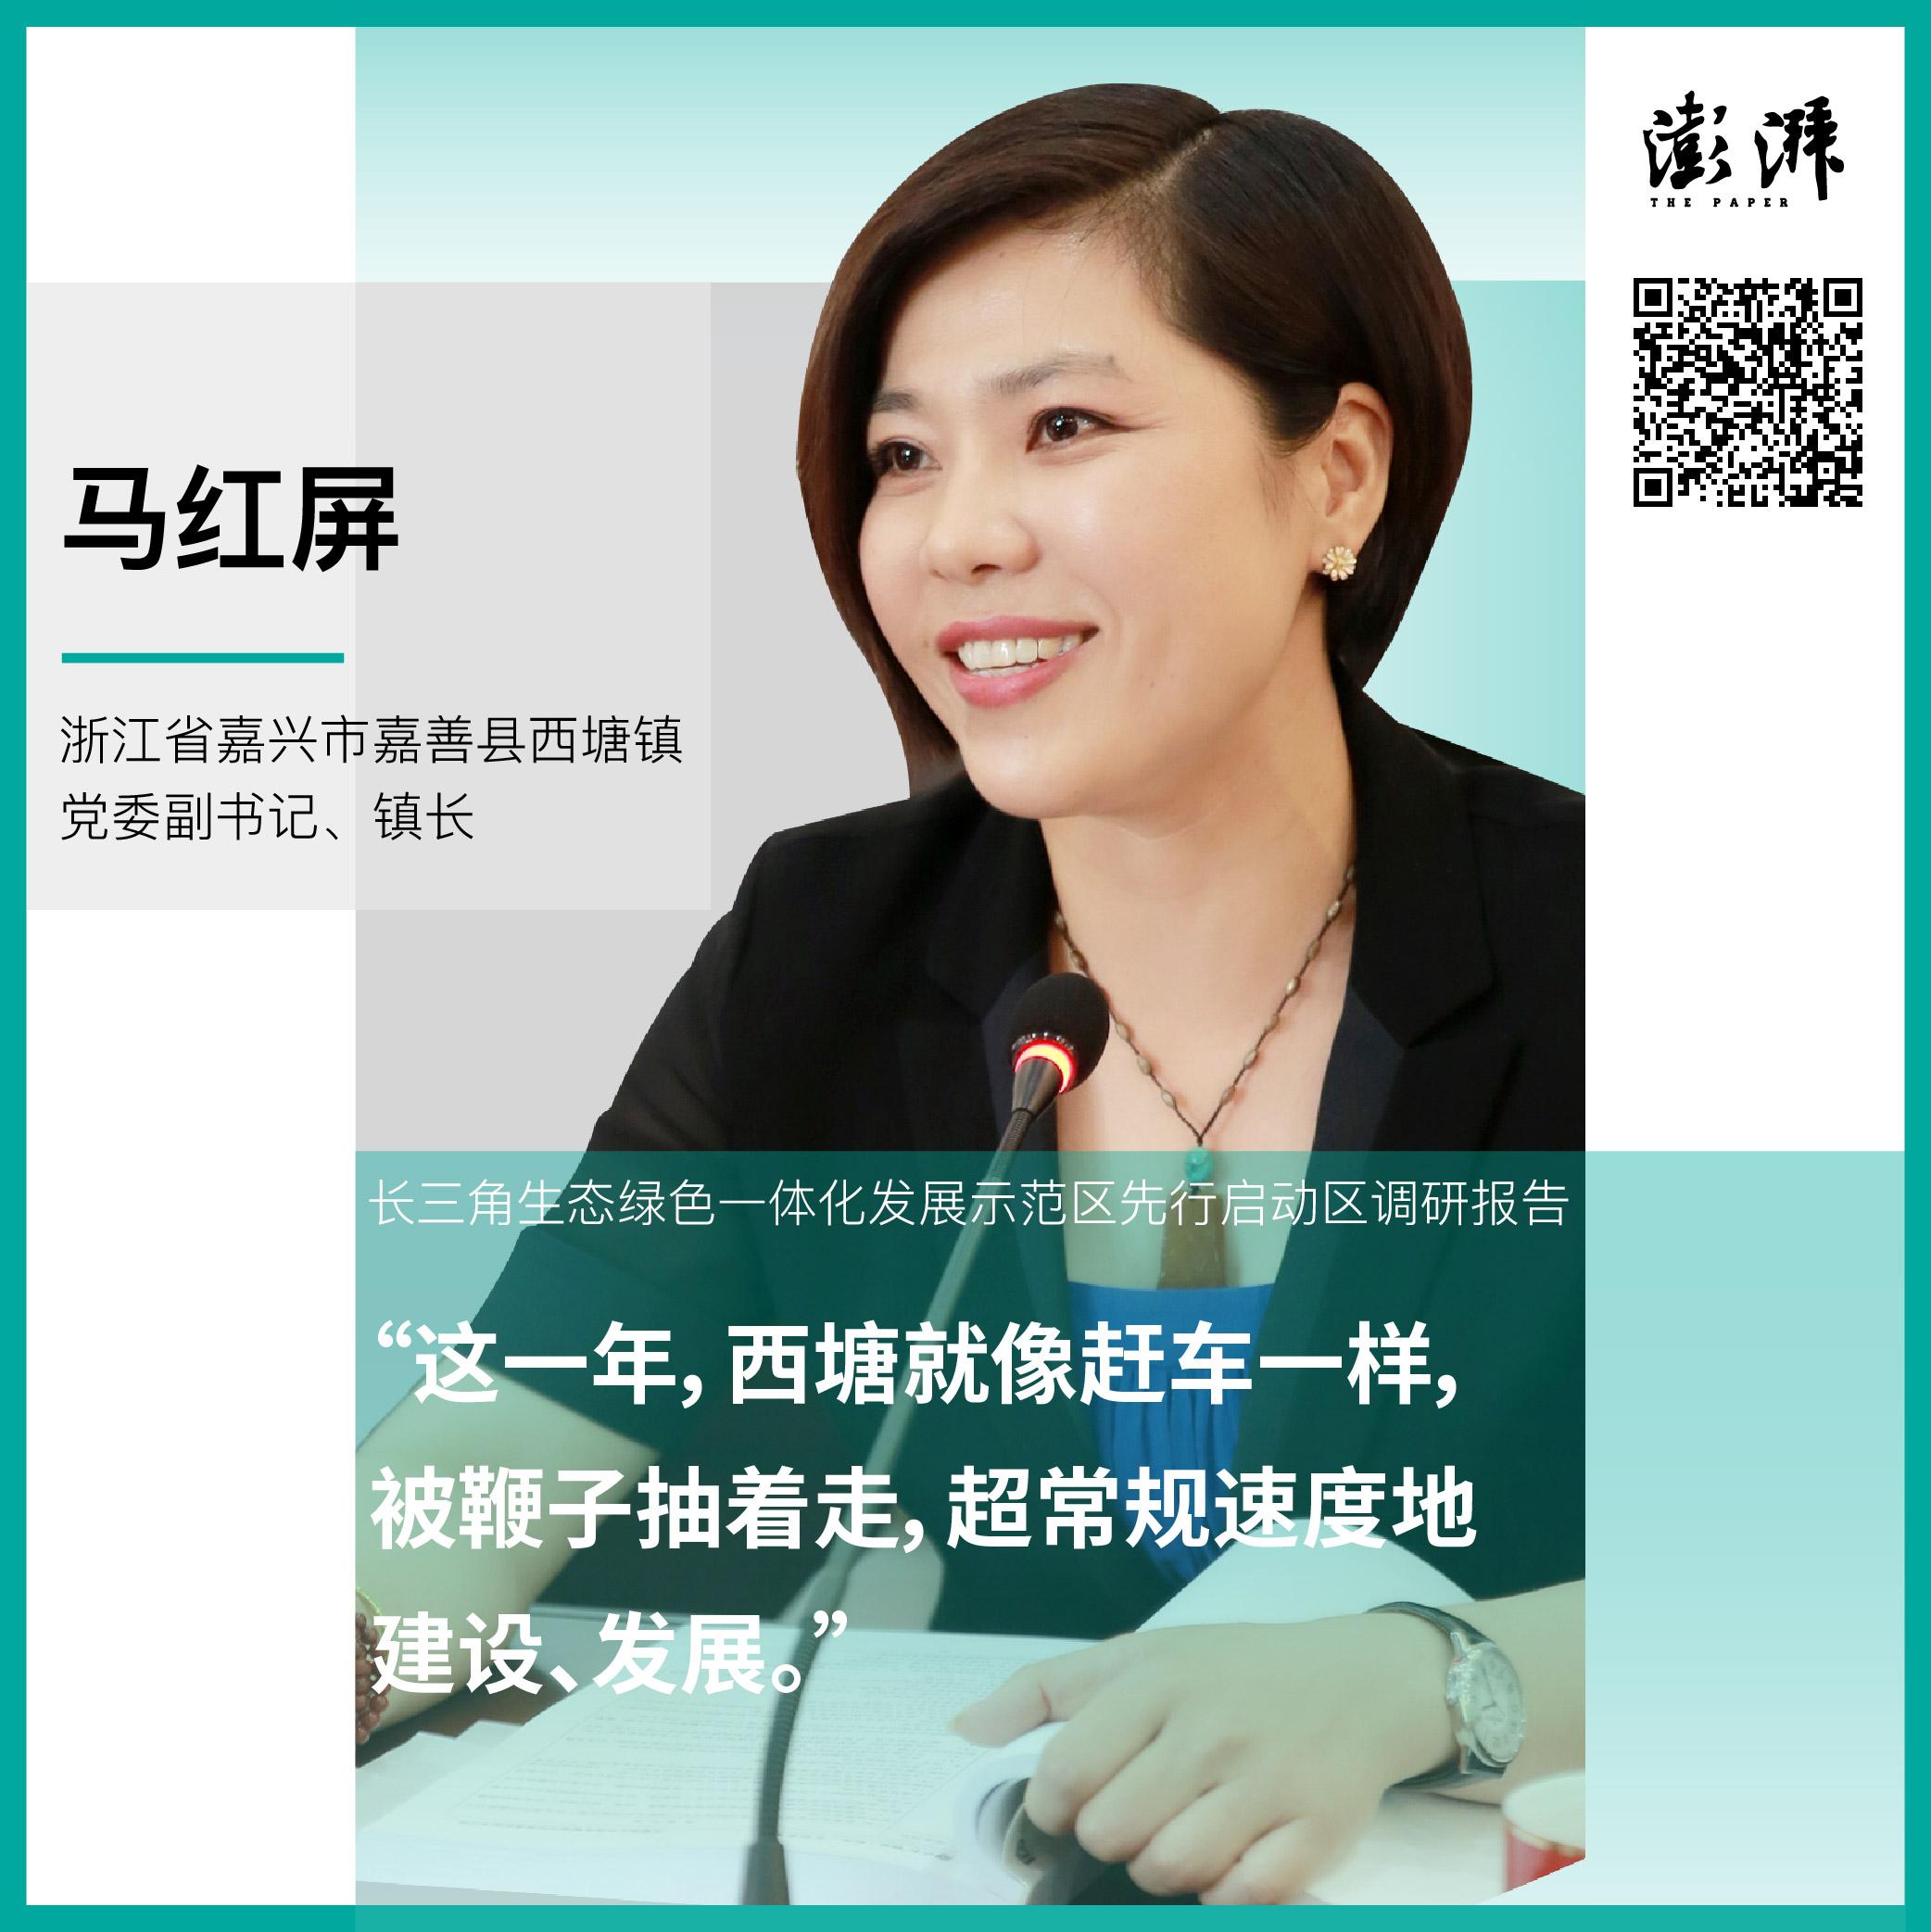 澎湃新闻 王基炜 制图